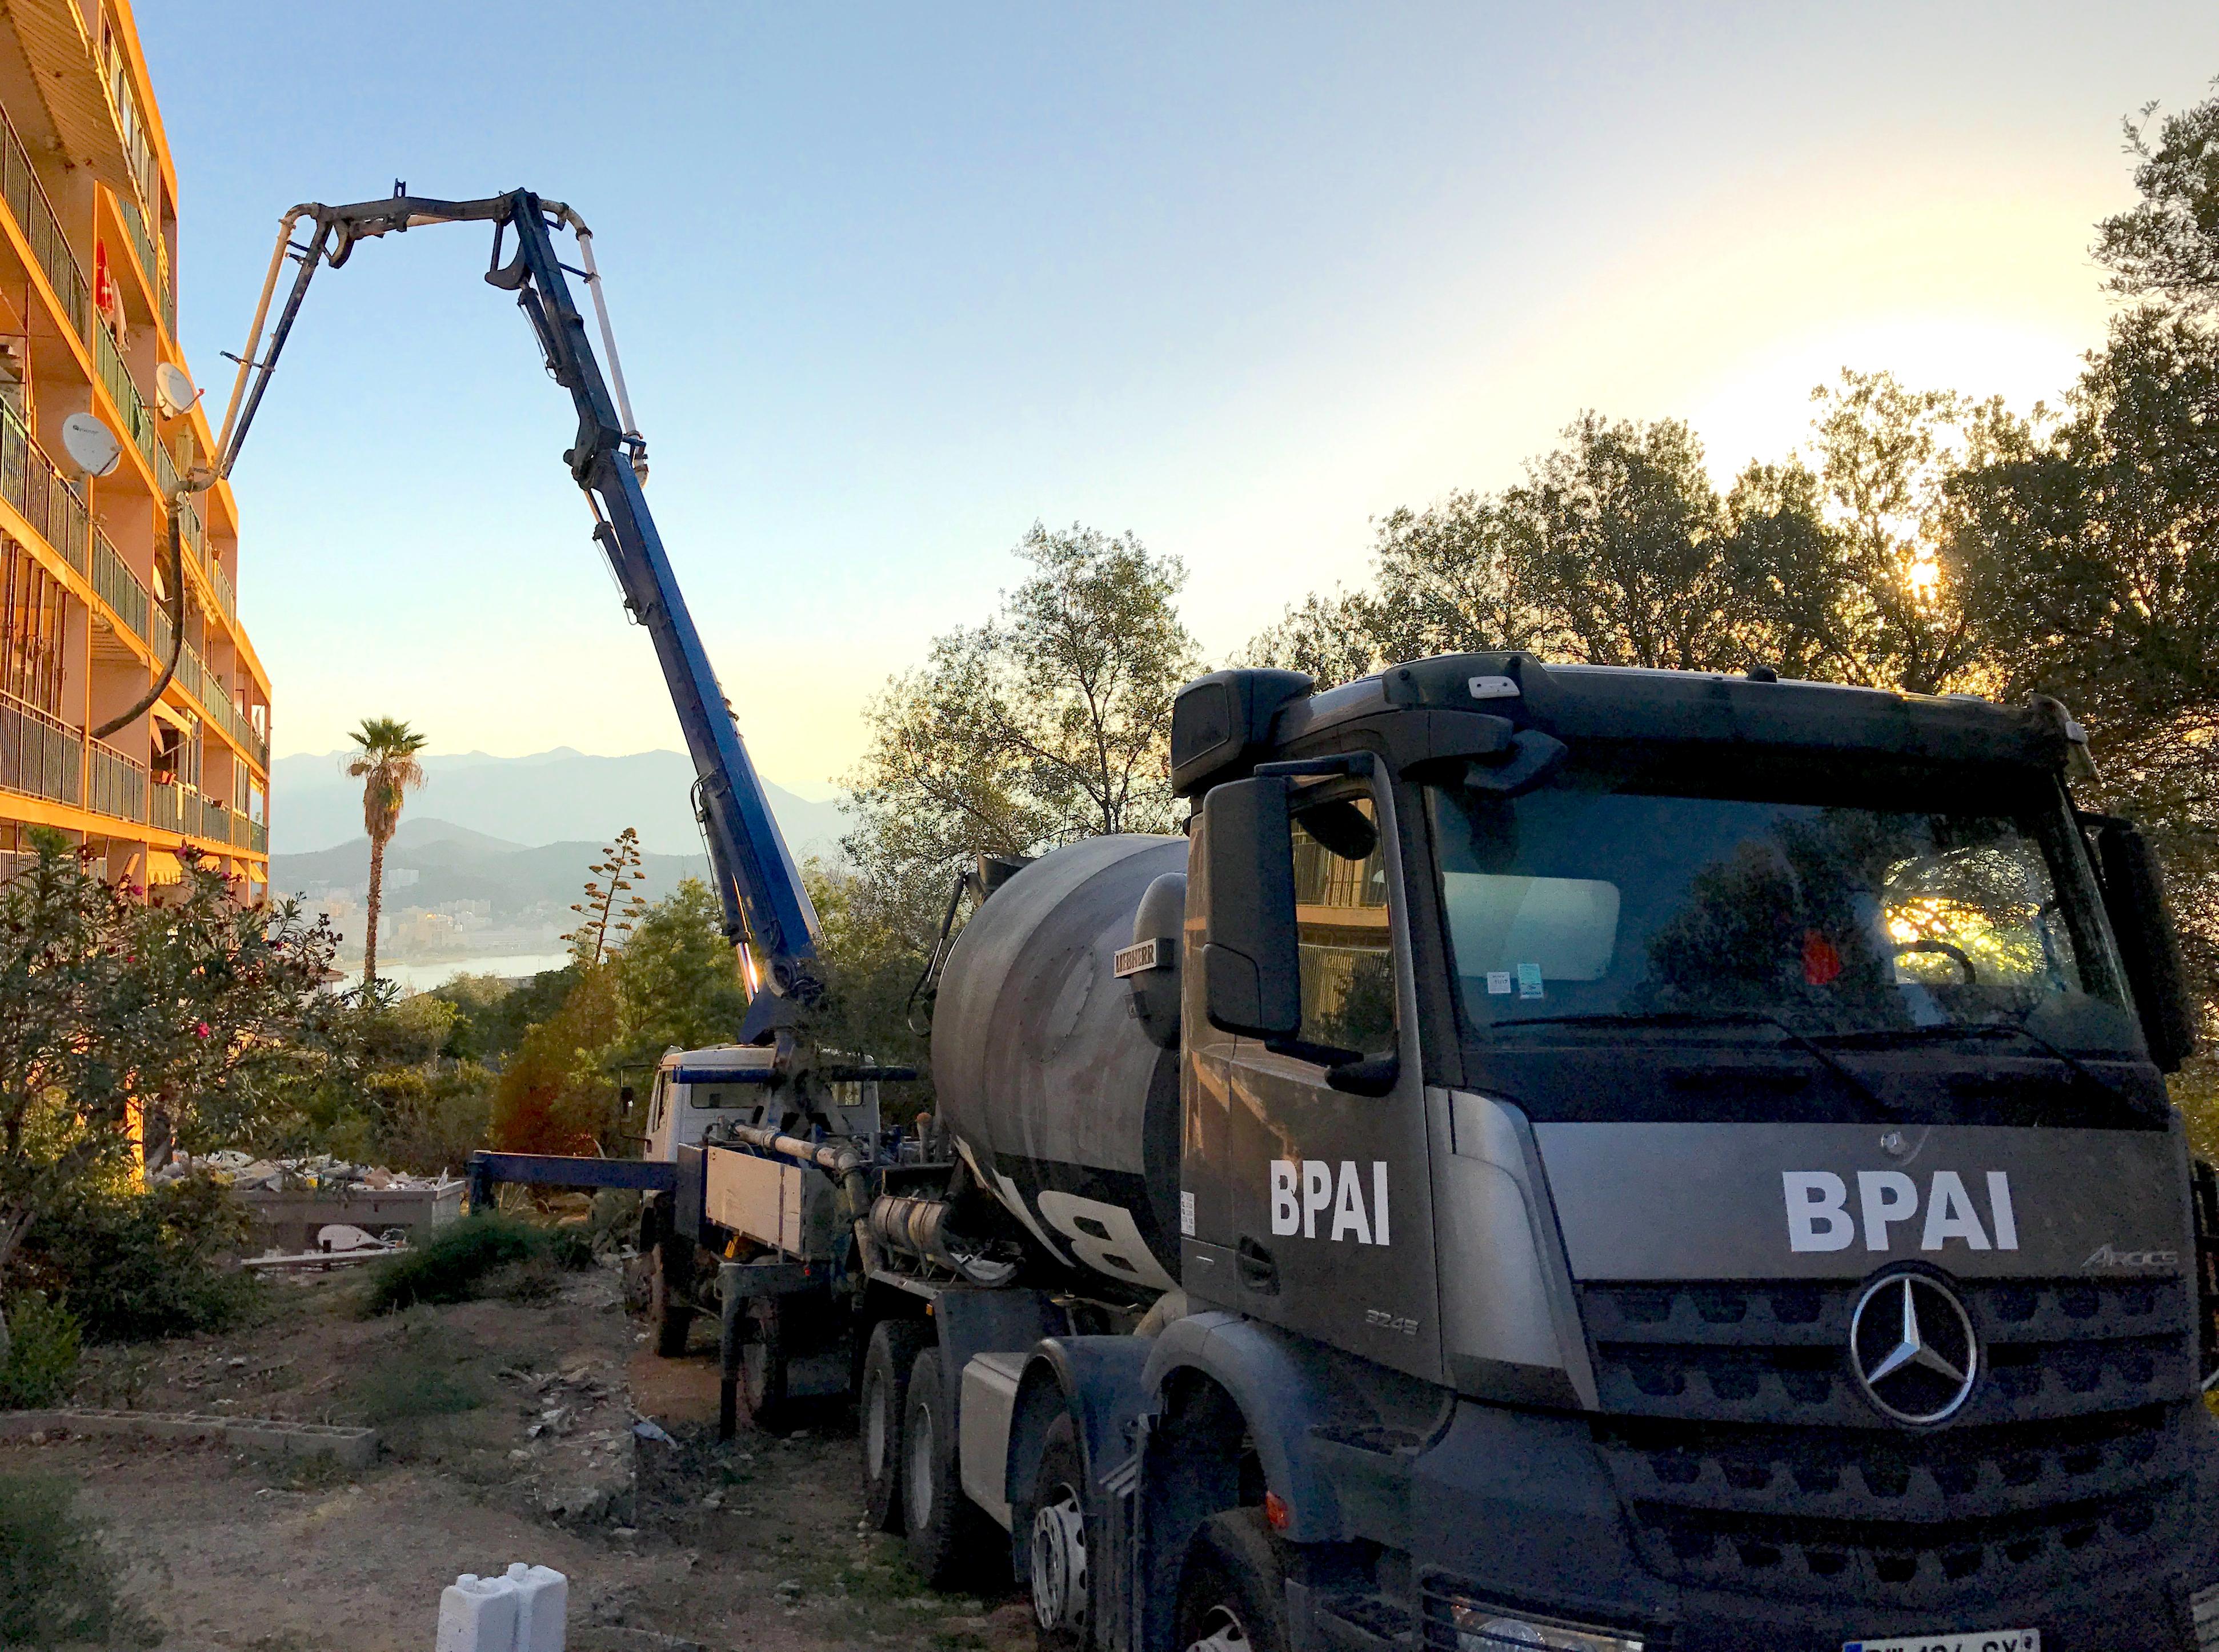 La pompe à béton est directement intégrée au camion pour couler du béton dans les endroits difficile d'accès BPAI spécialiste du béton prêt à l'emploi a Ajaccio